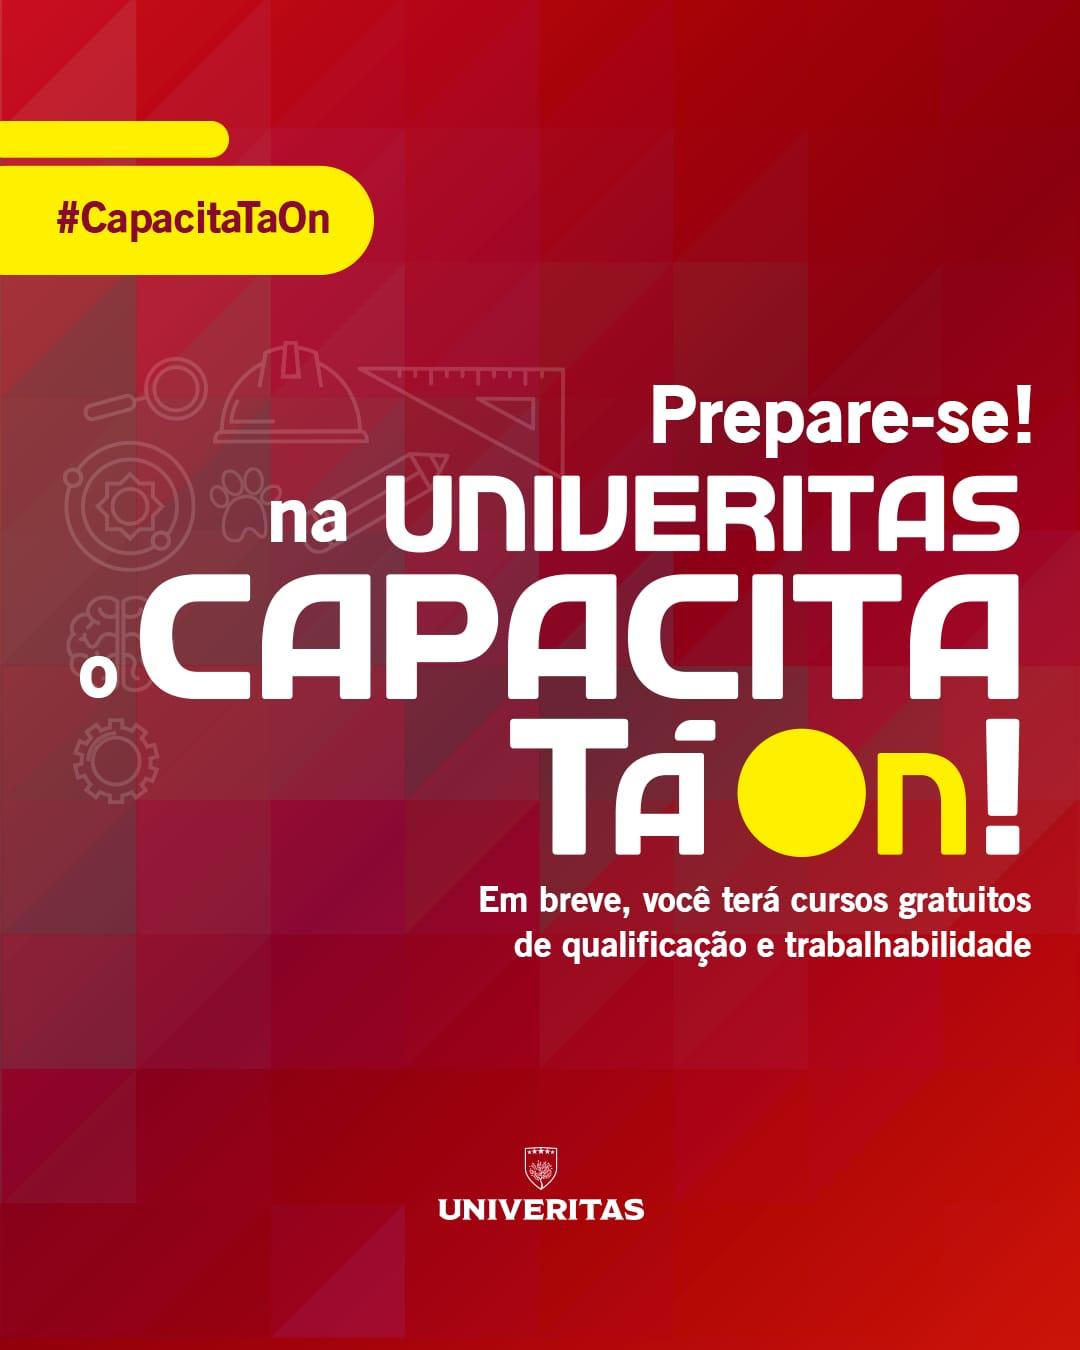 Imagem de um banner da Univeritas